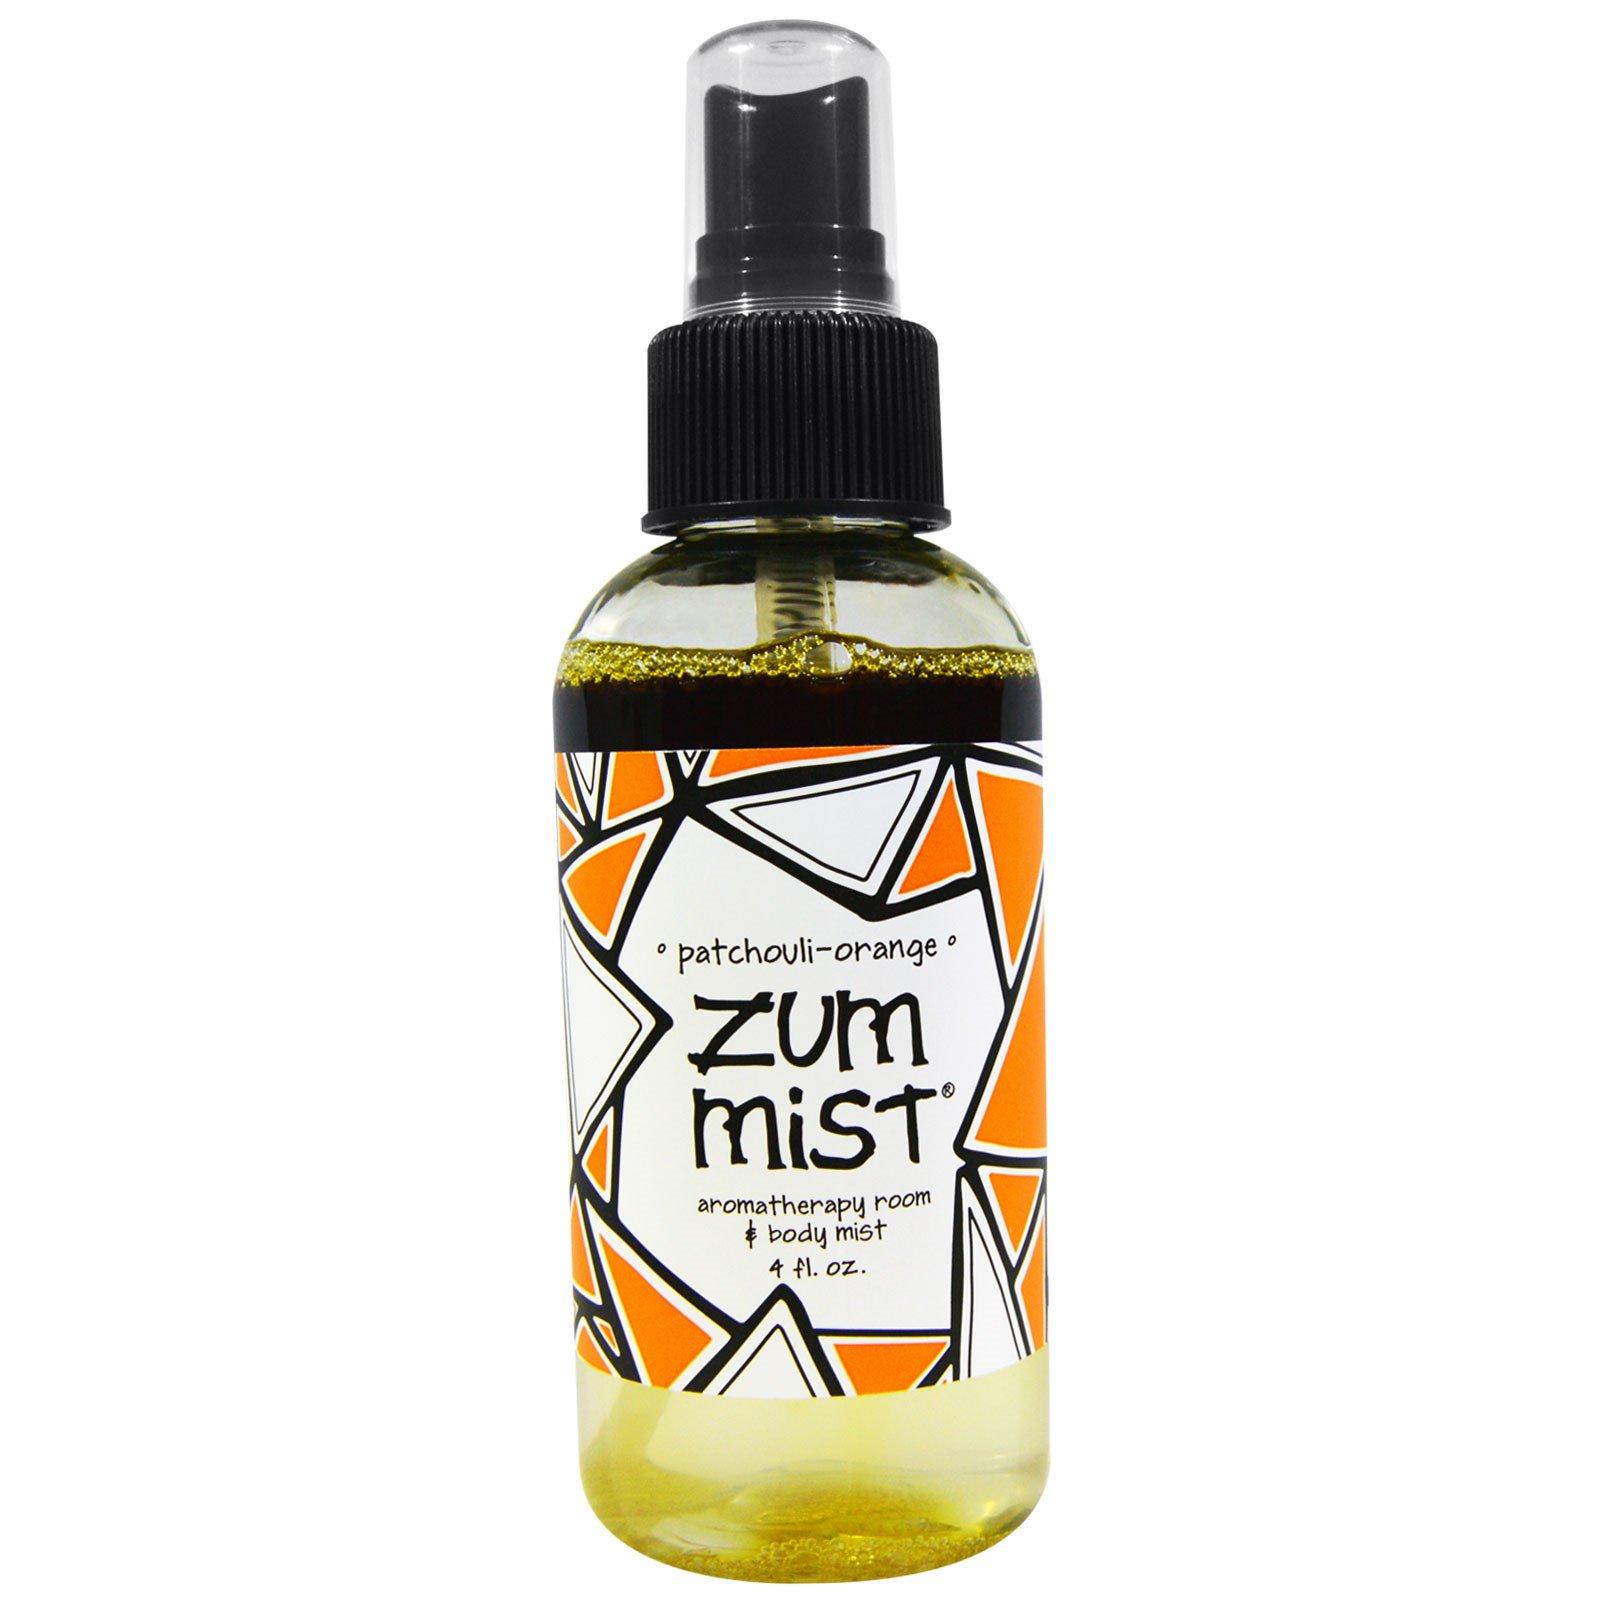 Indigo Wild, Zum Mist, ароматерапевтический аэрозоль для воздуха и тела, пачули и апельсин, 4 жидкие унции